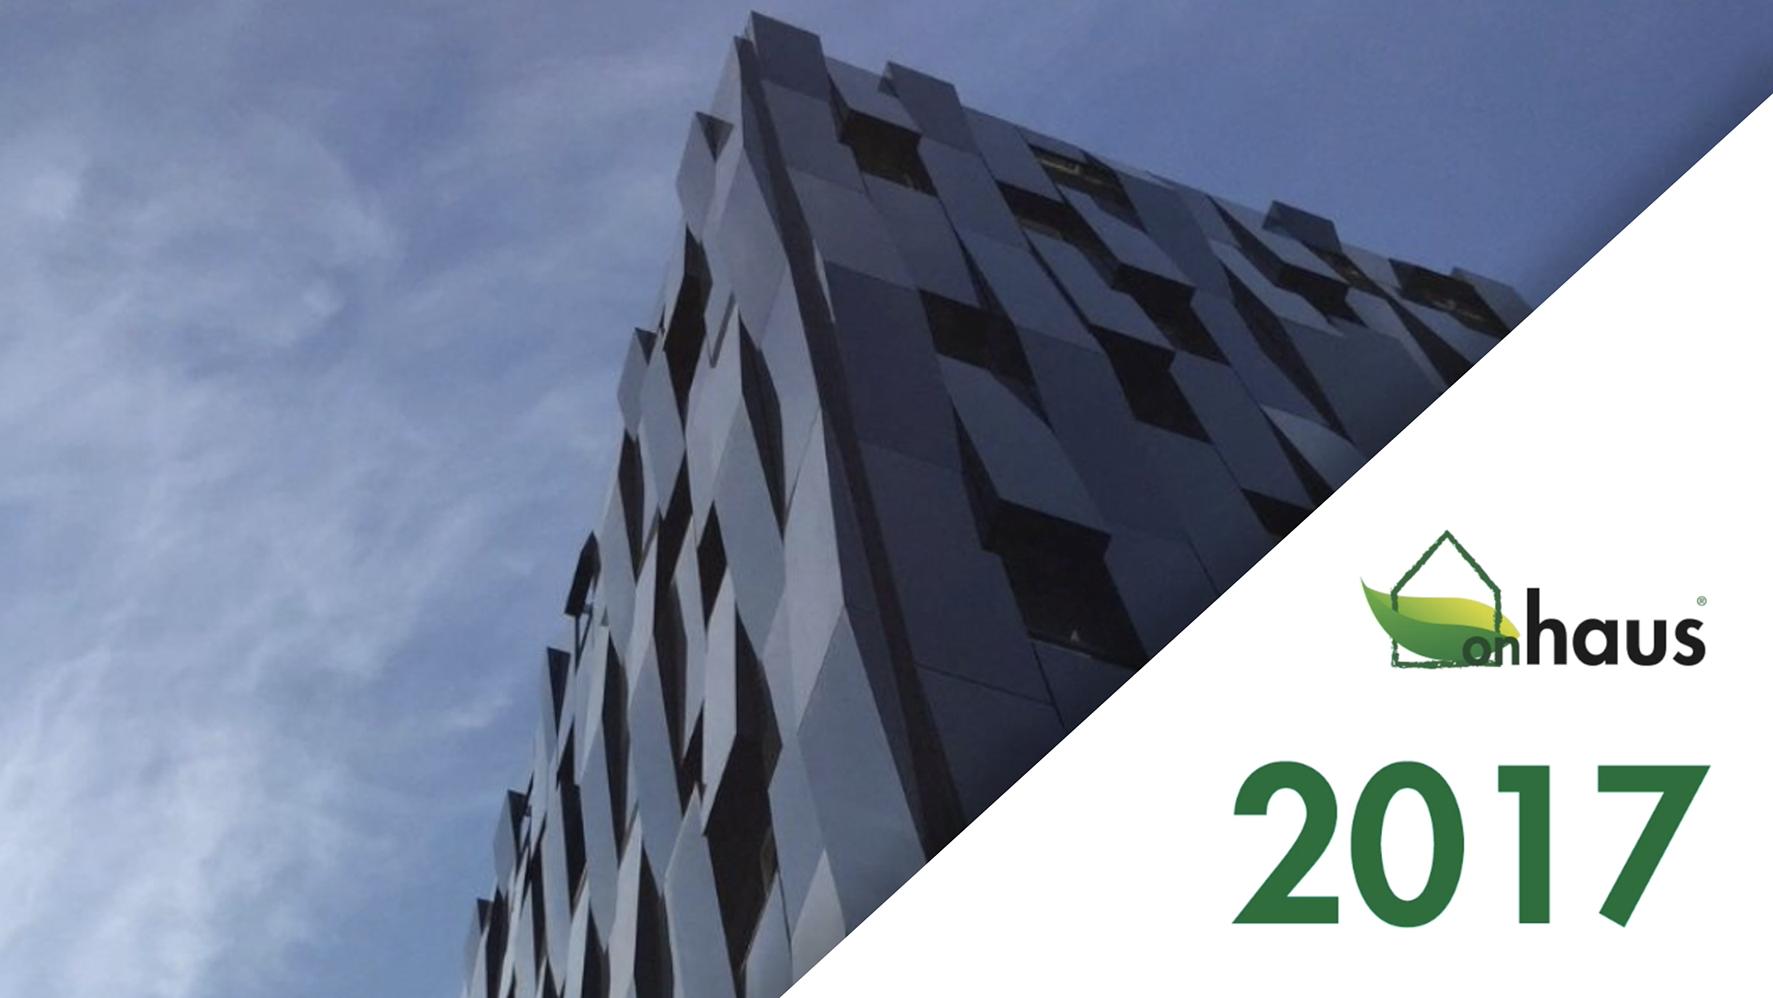 2017 Un año lleno de proyectos y encuentros PassivHaus y EECN